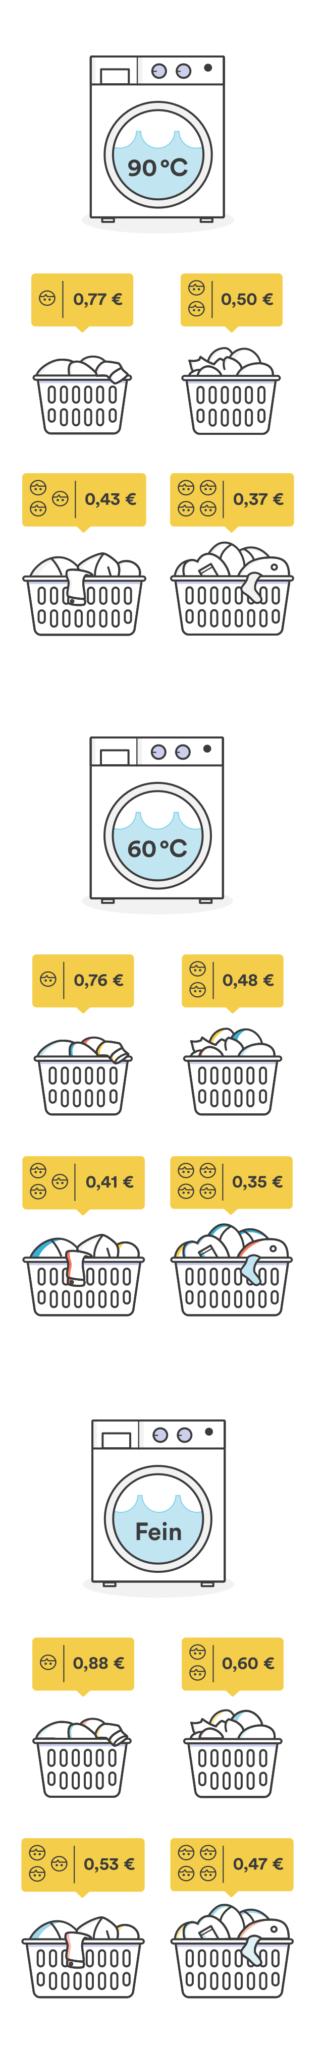 Reinigungskosten-Waschen_m